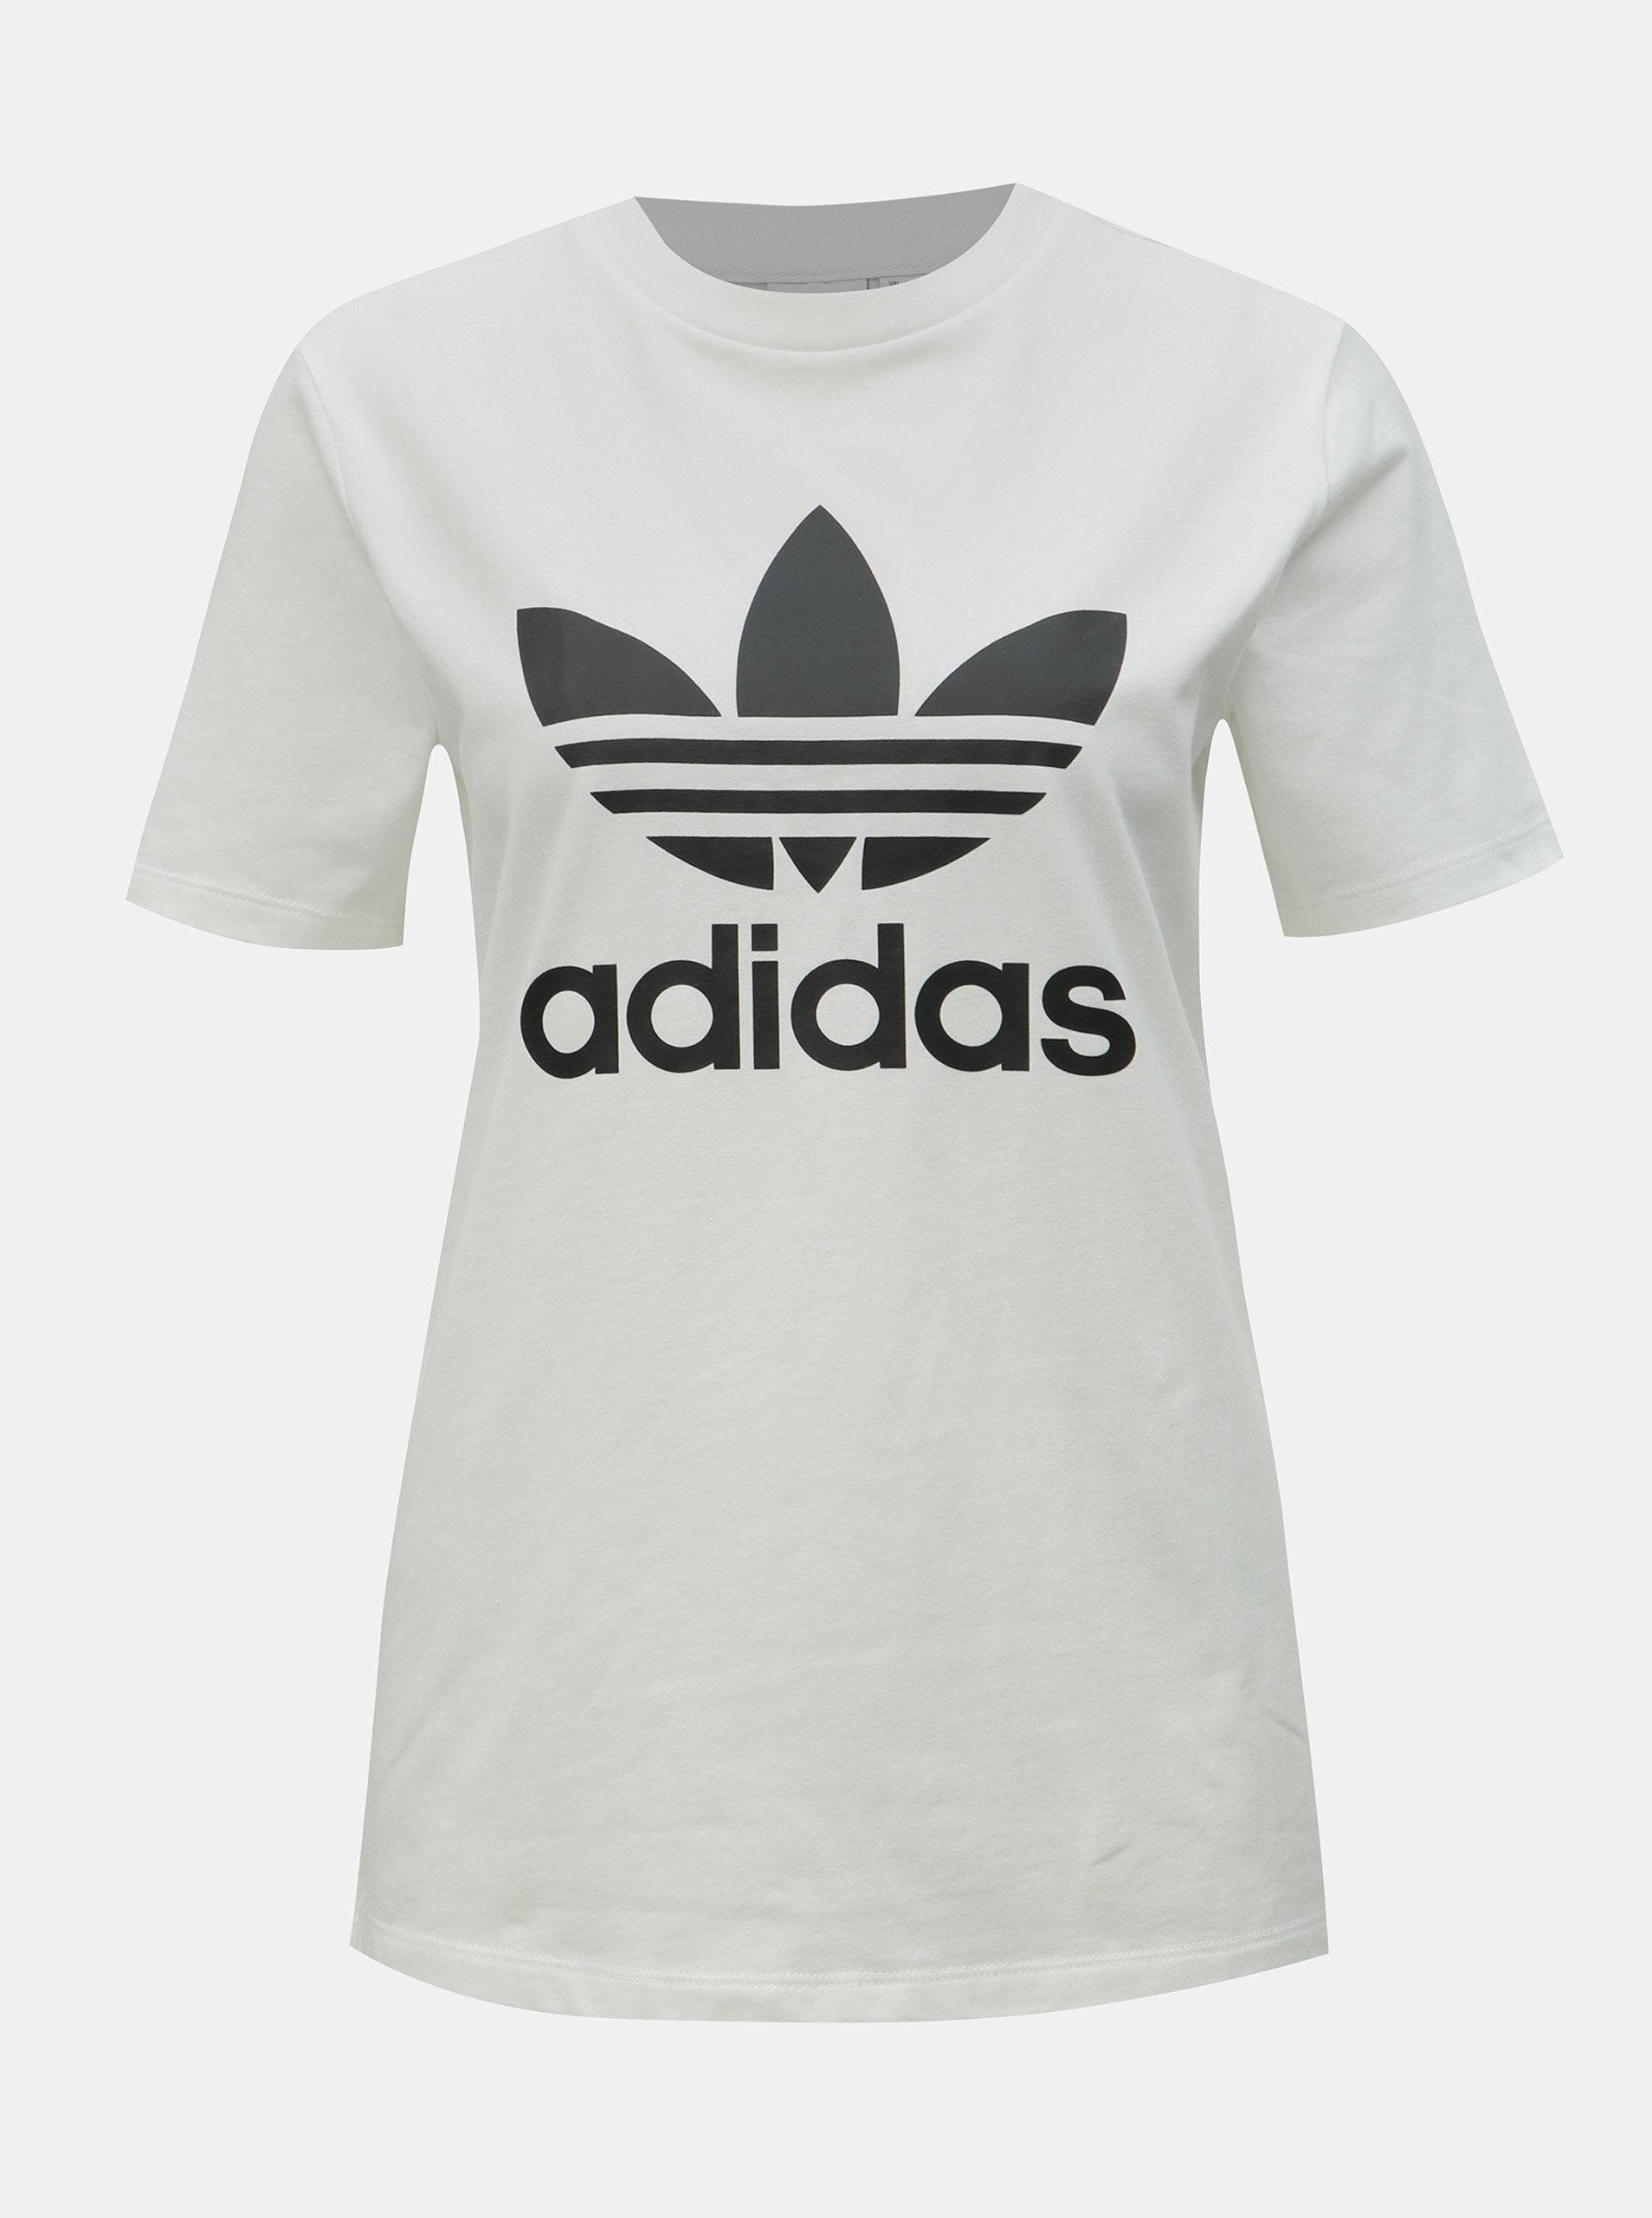 bcf71820f420 Bílé dámské tričko s potiskem adidas Originals Trefioil ...